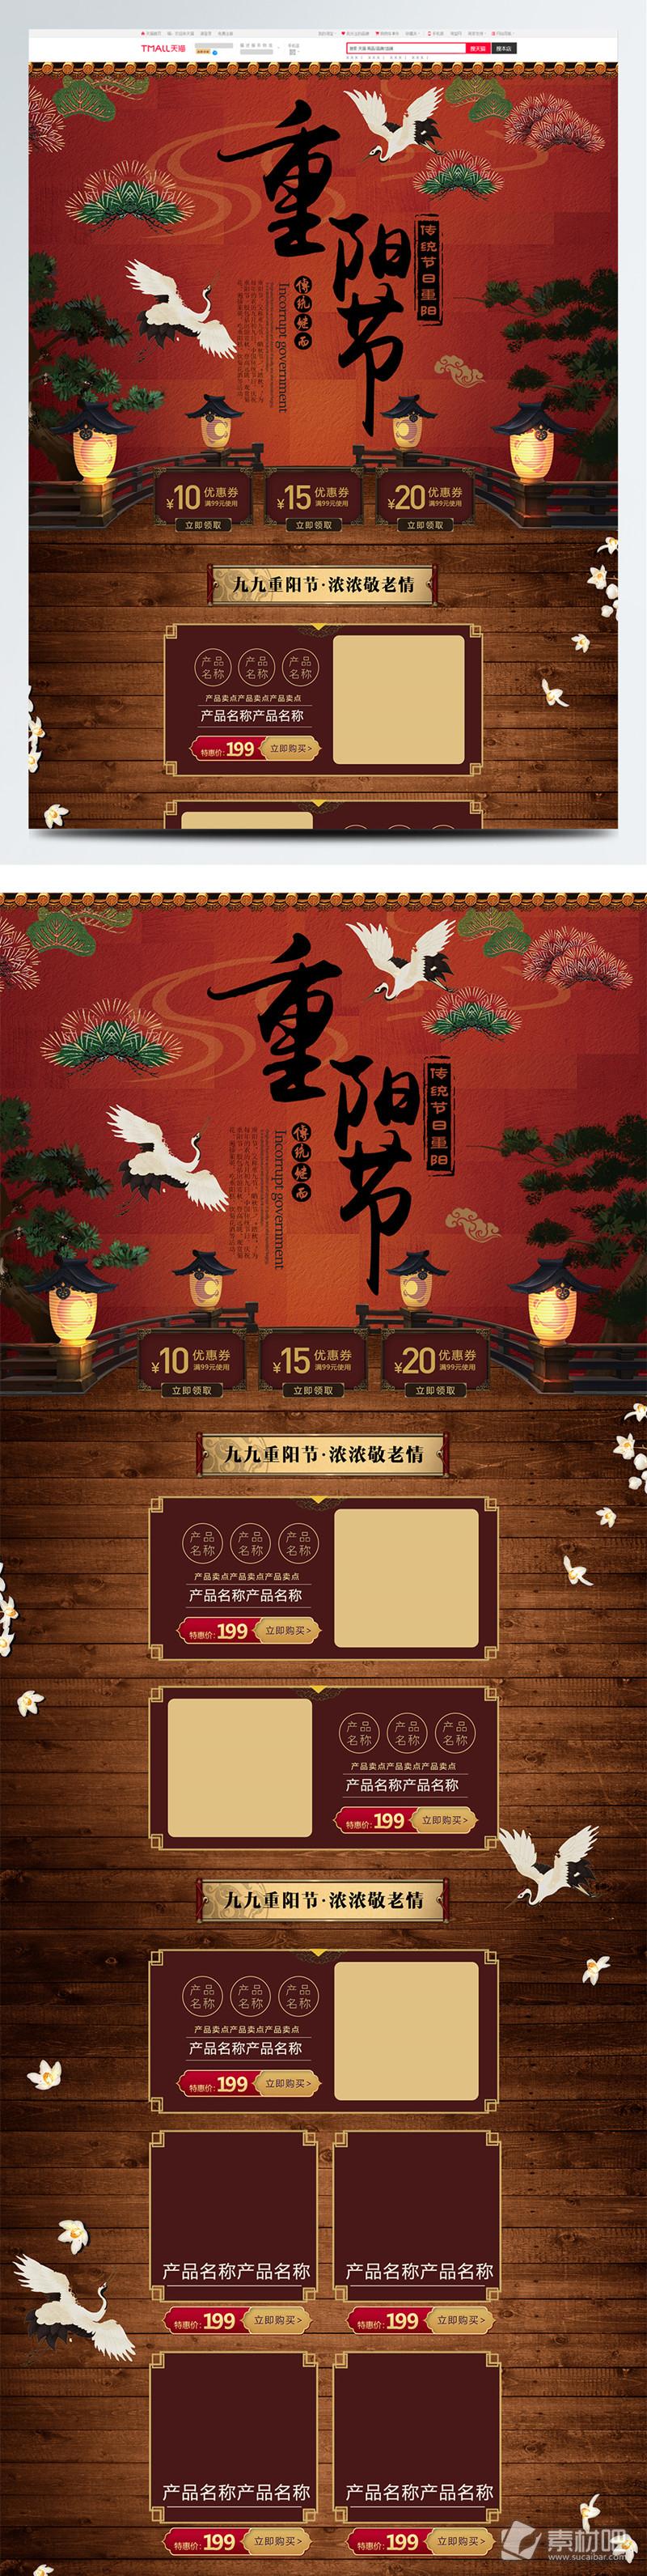 复古中国风重阳节首页模板